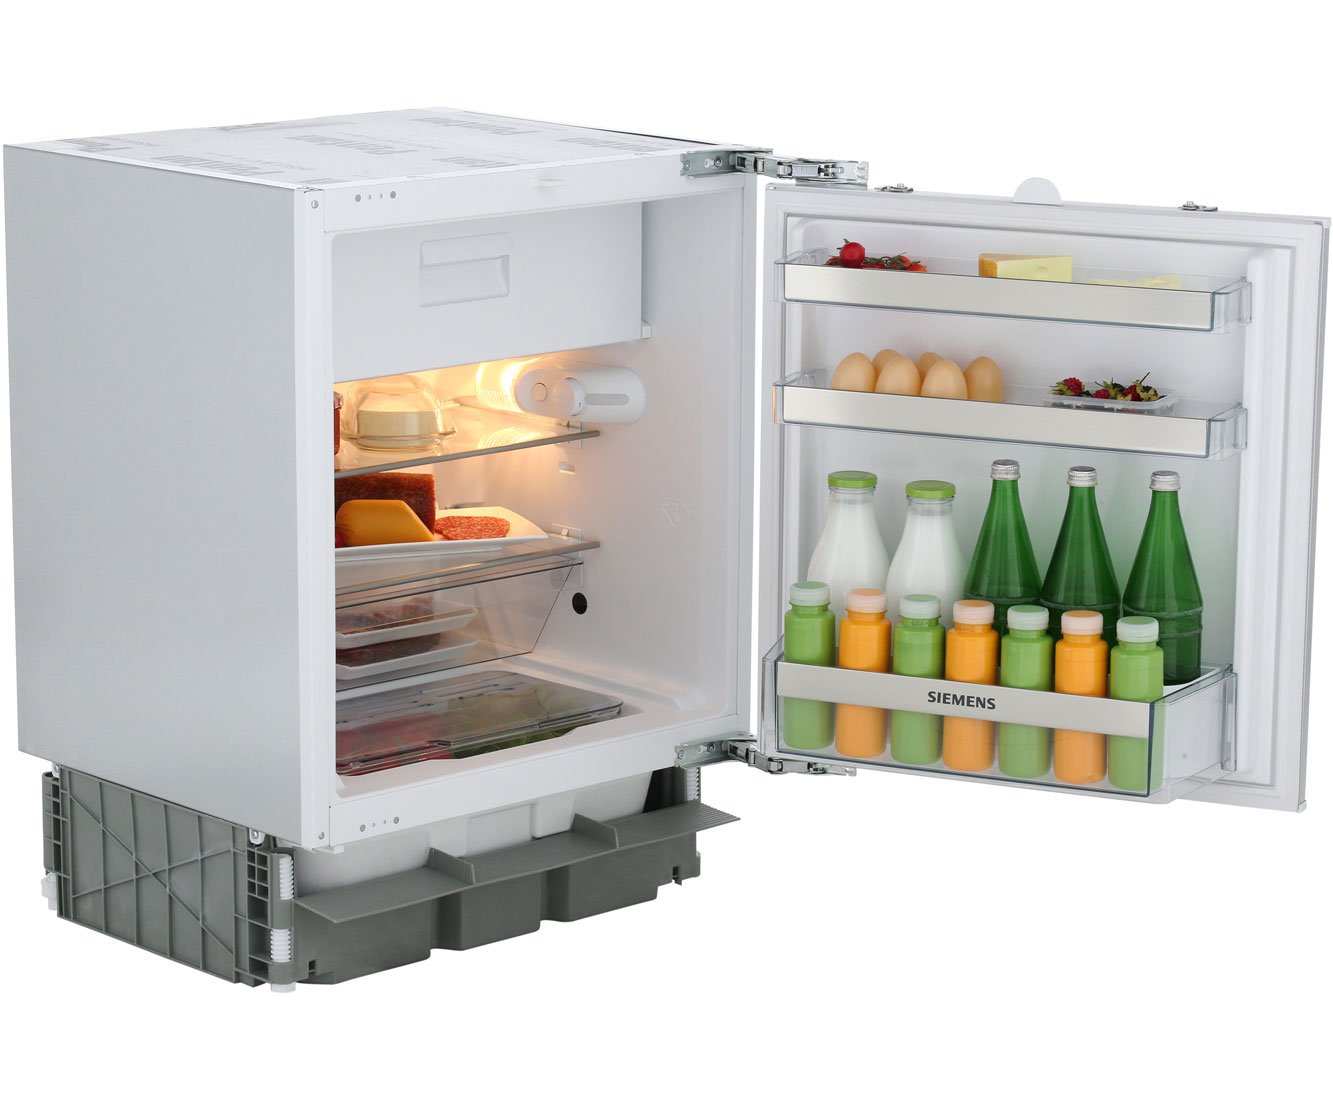 Aeg Kühlschrank Unterbau : Kühlschrank unterbau a preisvergleich u die besten angebote